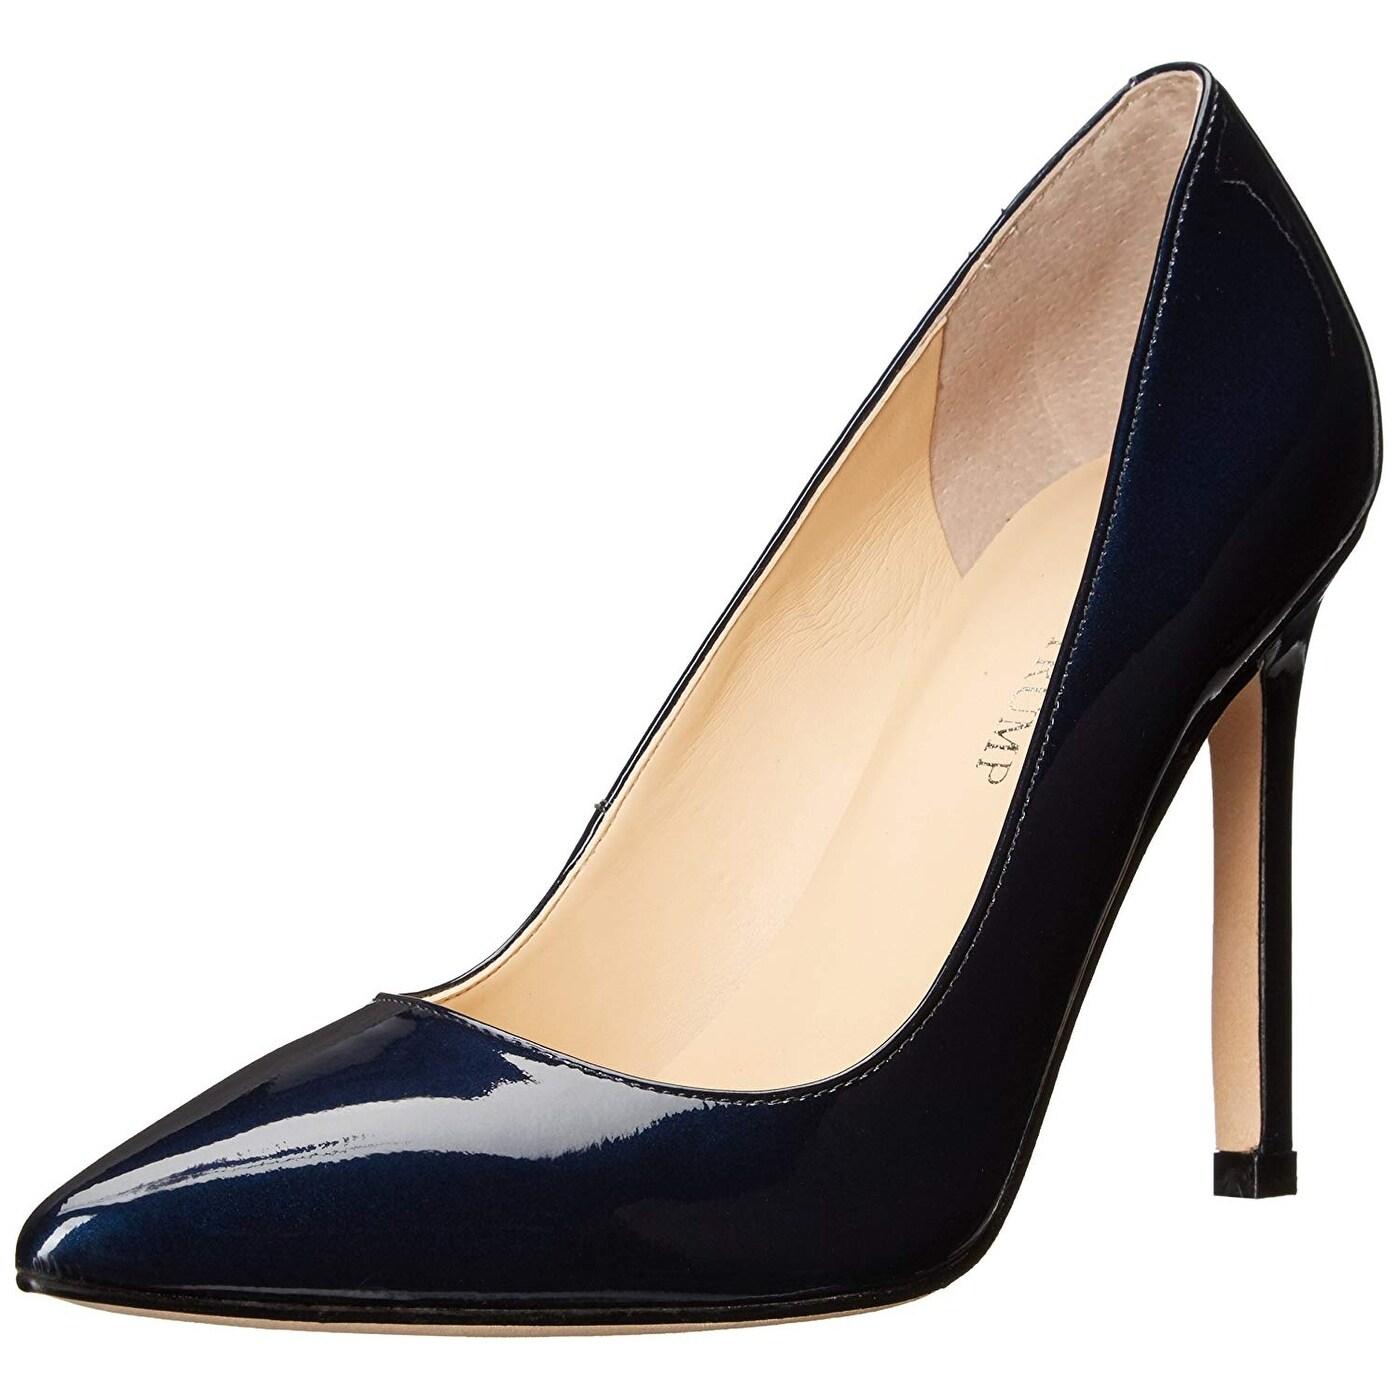 6f4d61062506 Ivanka Trump Women s Shoes